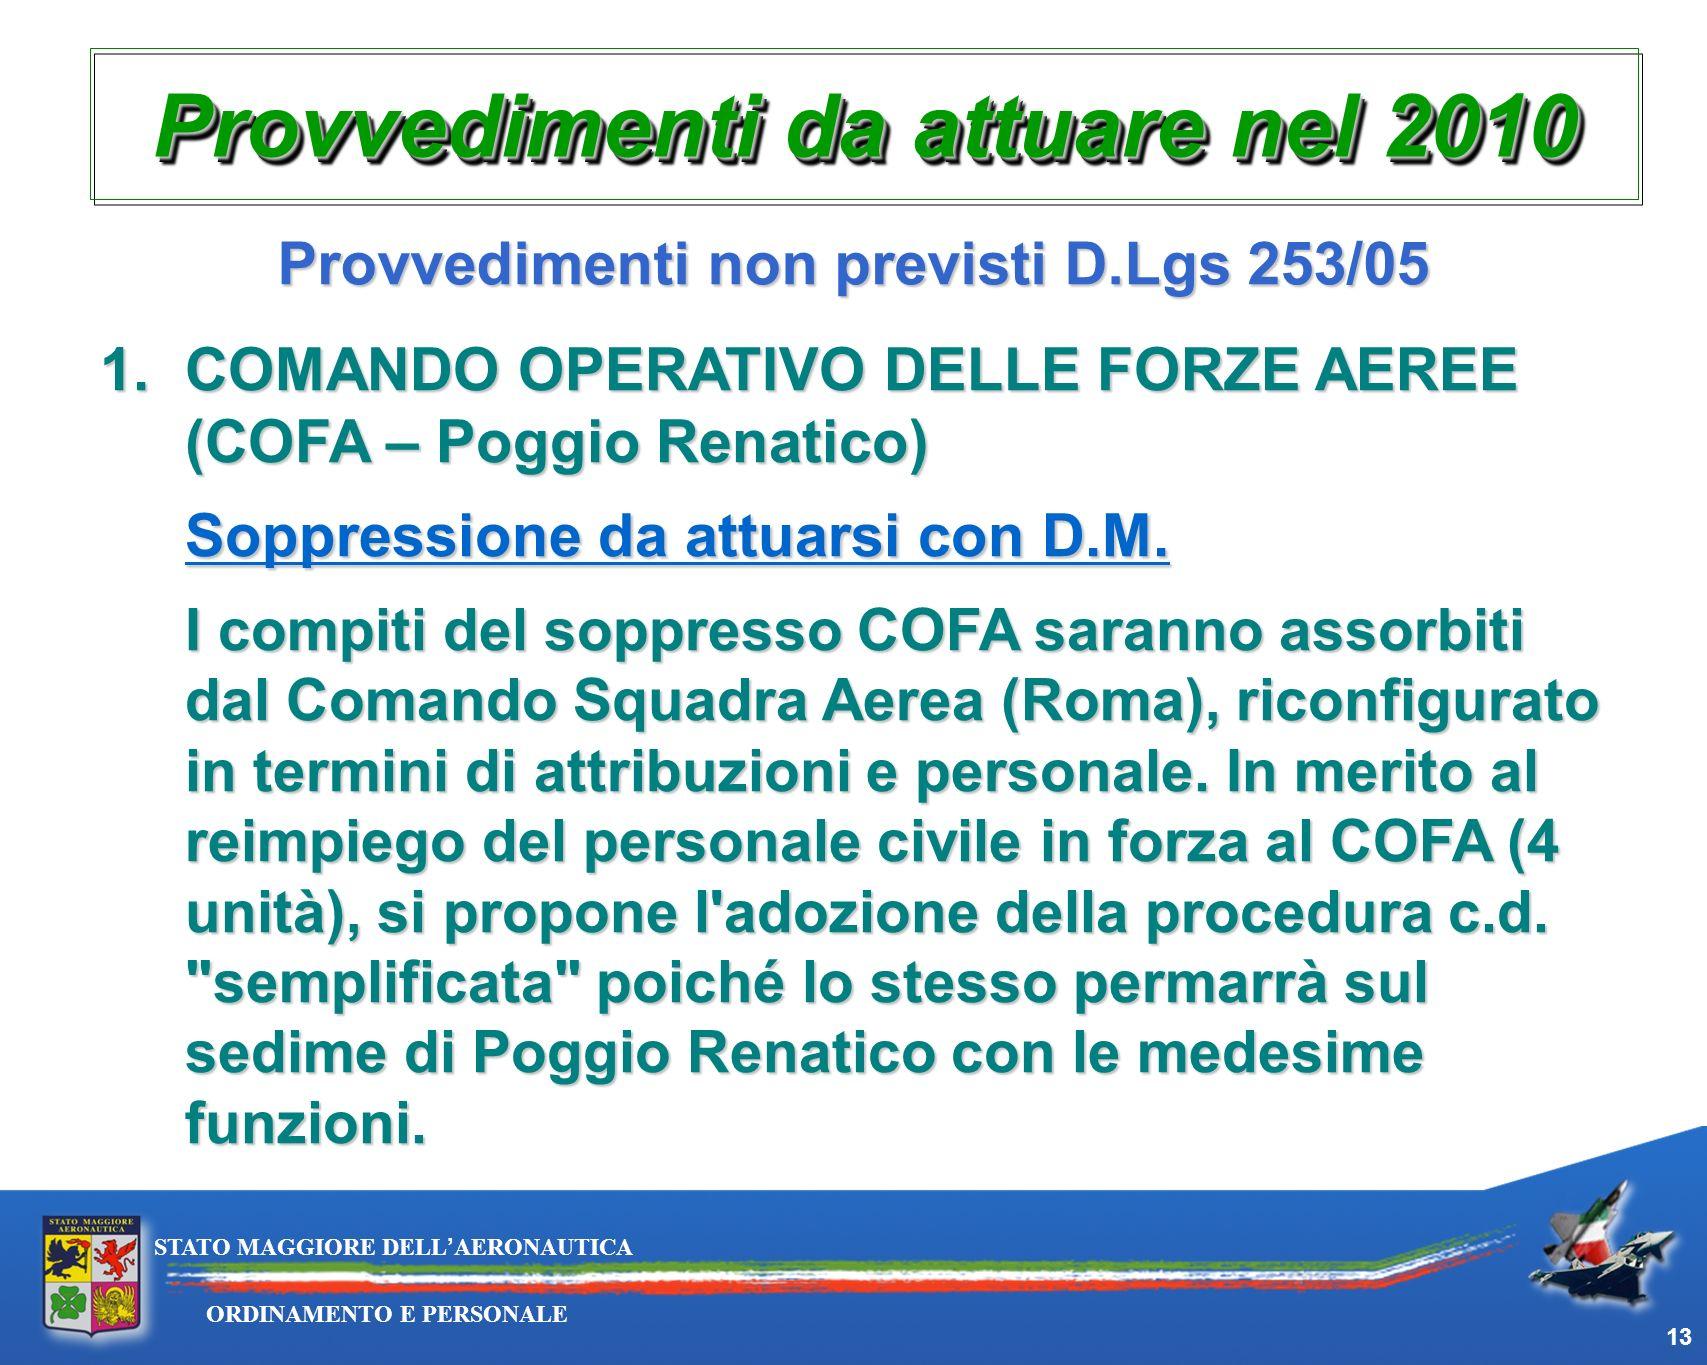 13 ORDINAMENTO E PERSONALE STATO MAGGIORE DELLAERONAUTICA Provvedimenti non previsti D.Lgs 253/05 1.COMANDO OPERATIVO DELLE FORZE AEREE (COFA – Poggio